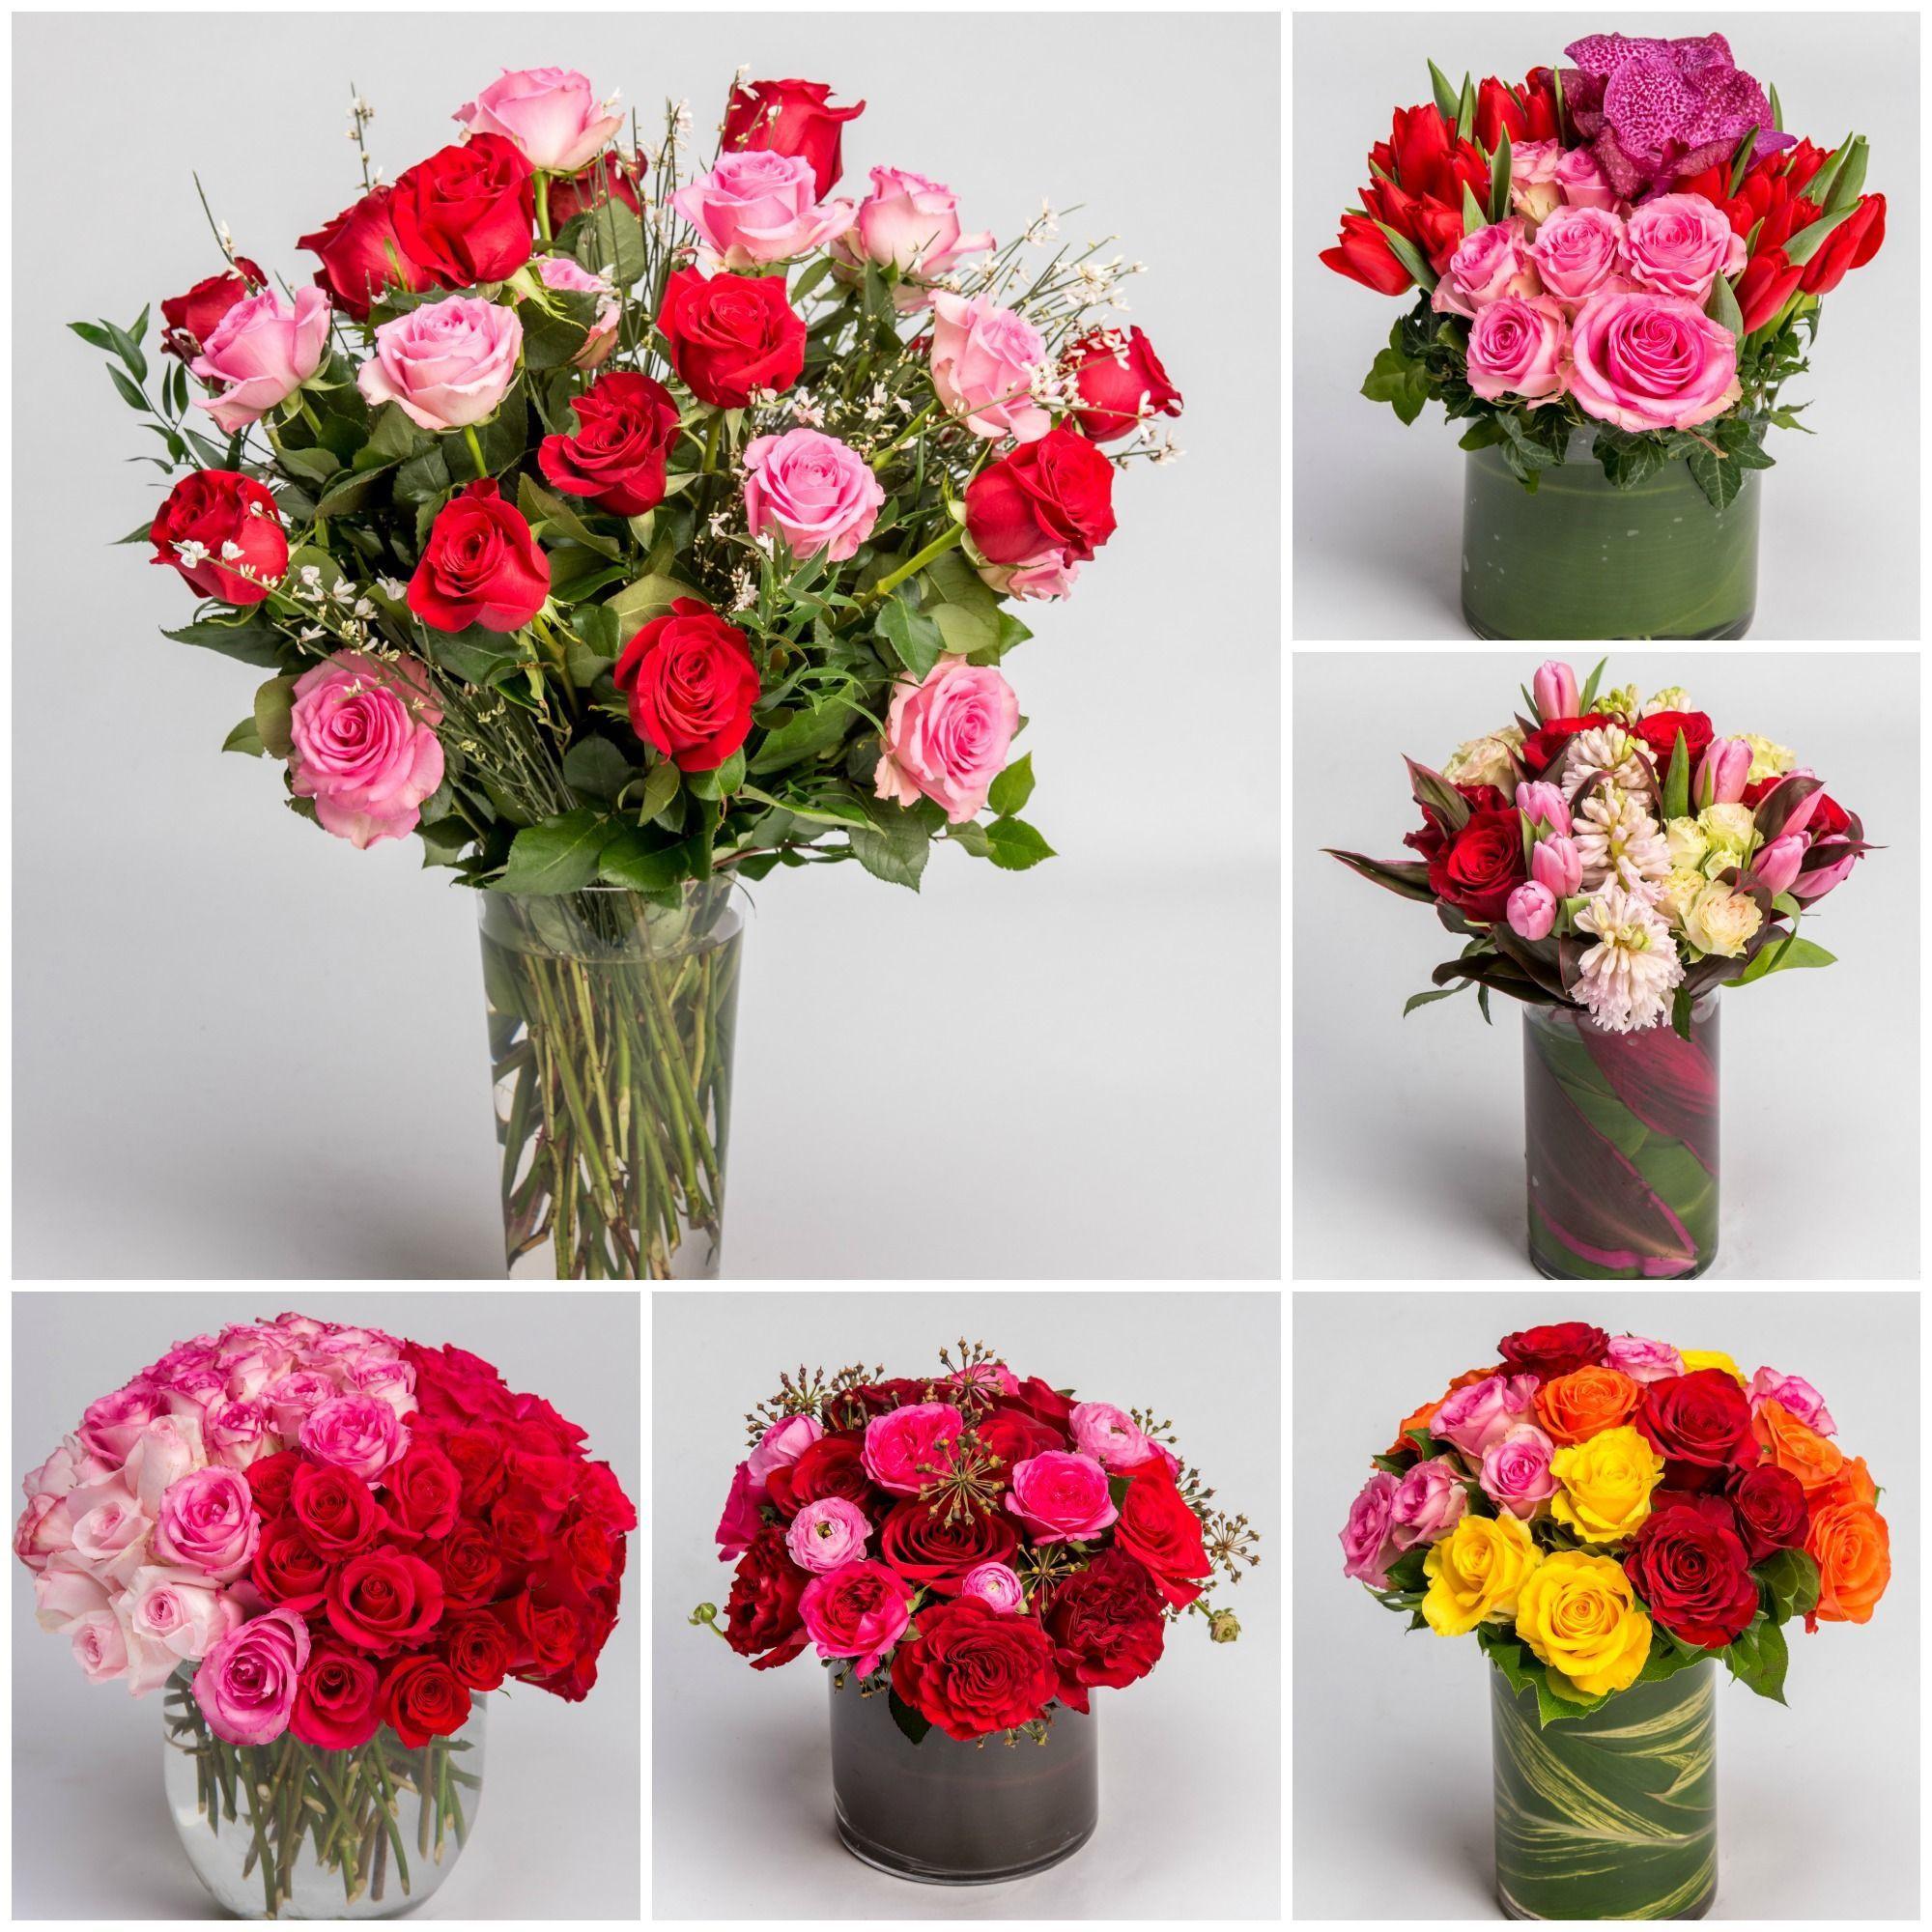 Online Valentine Gift Ideas  fy Day Decoration Flower Ideas Valentine 50 fy